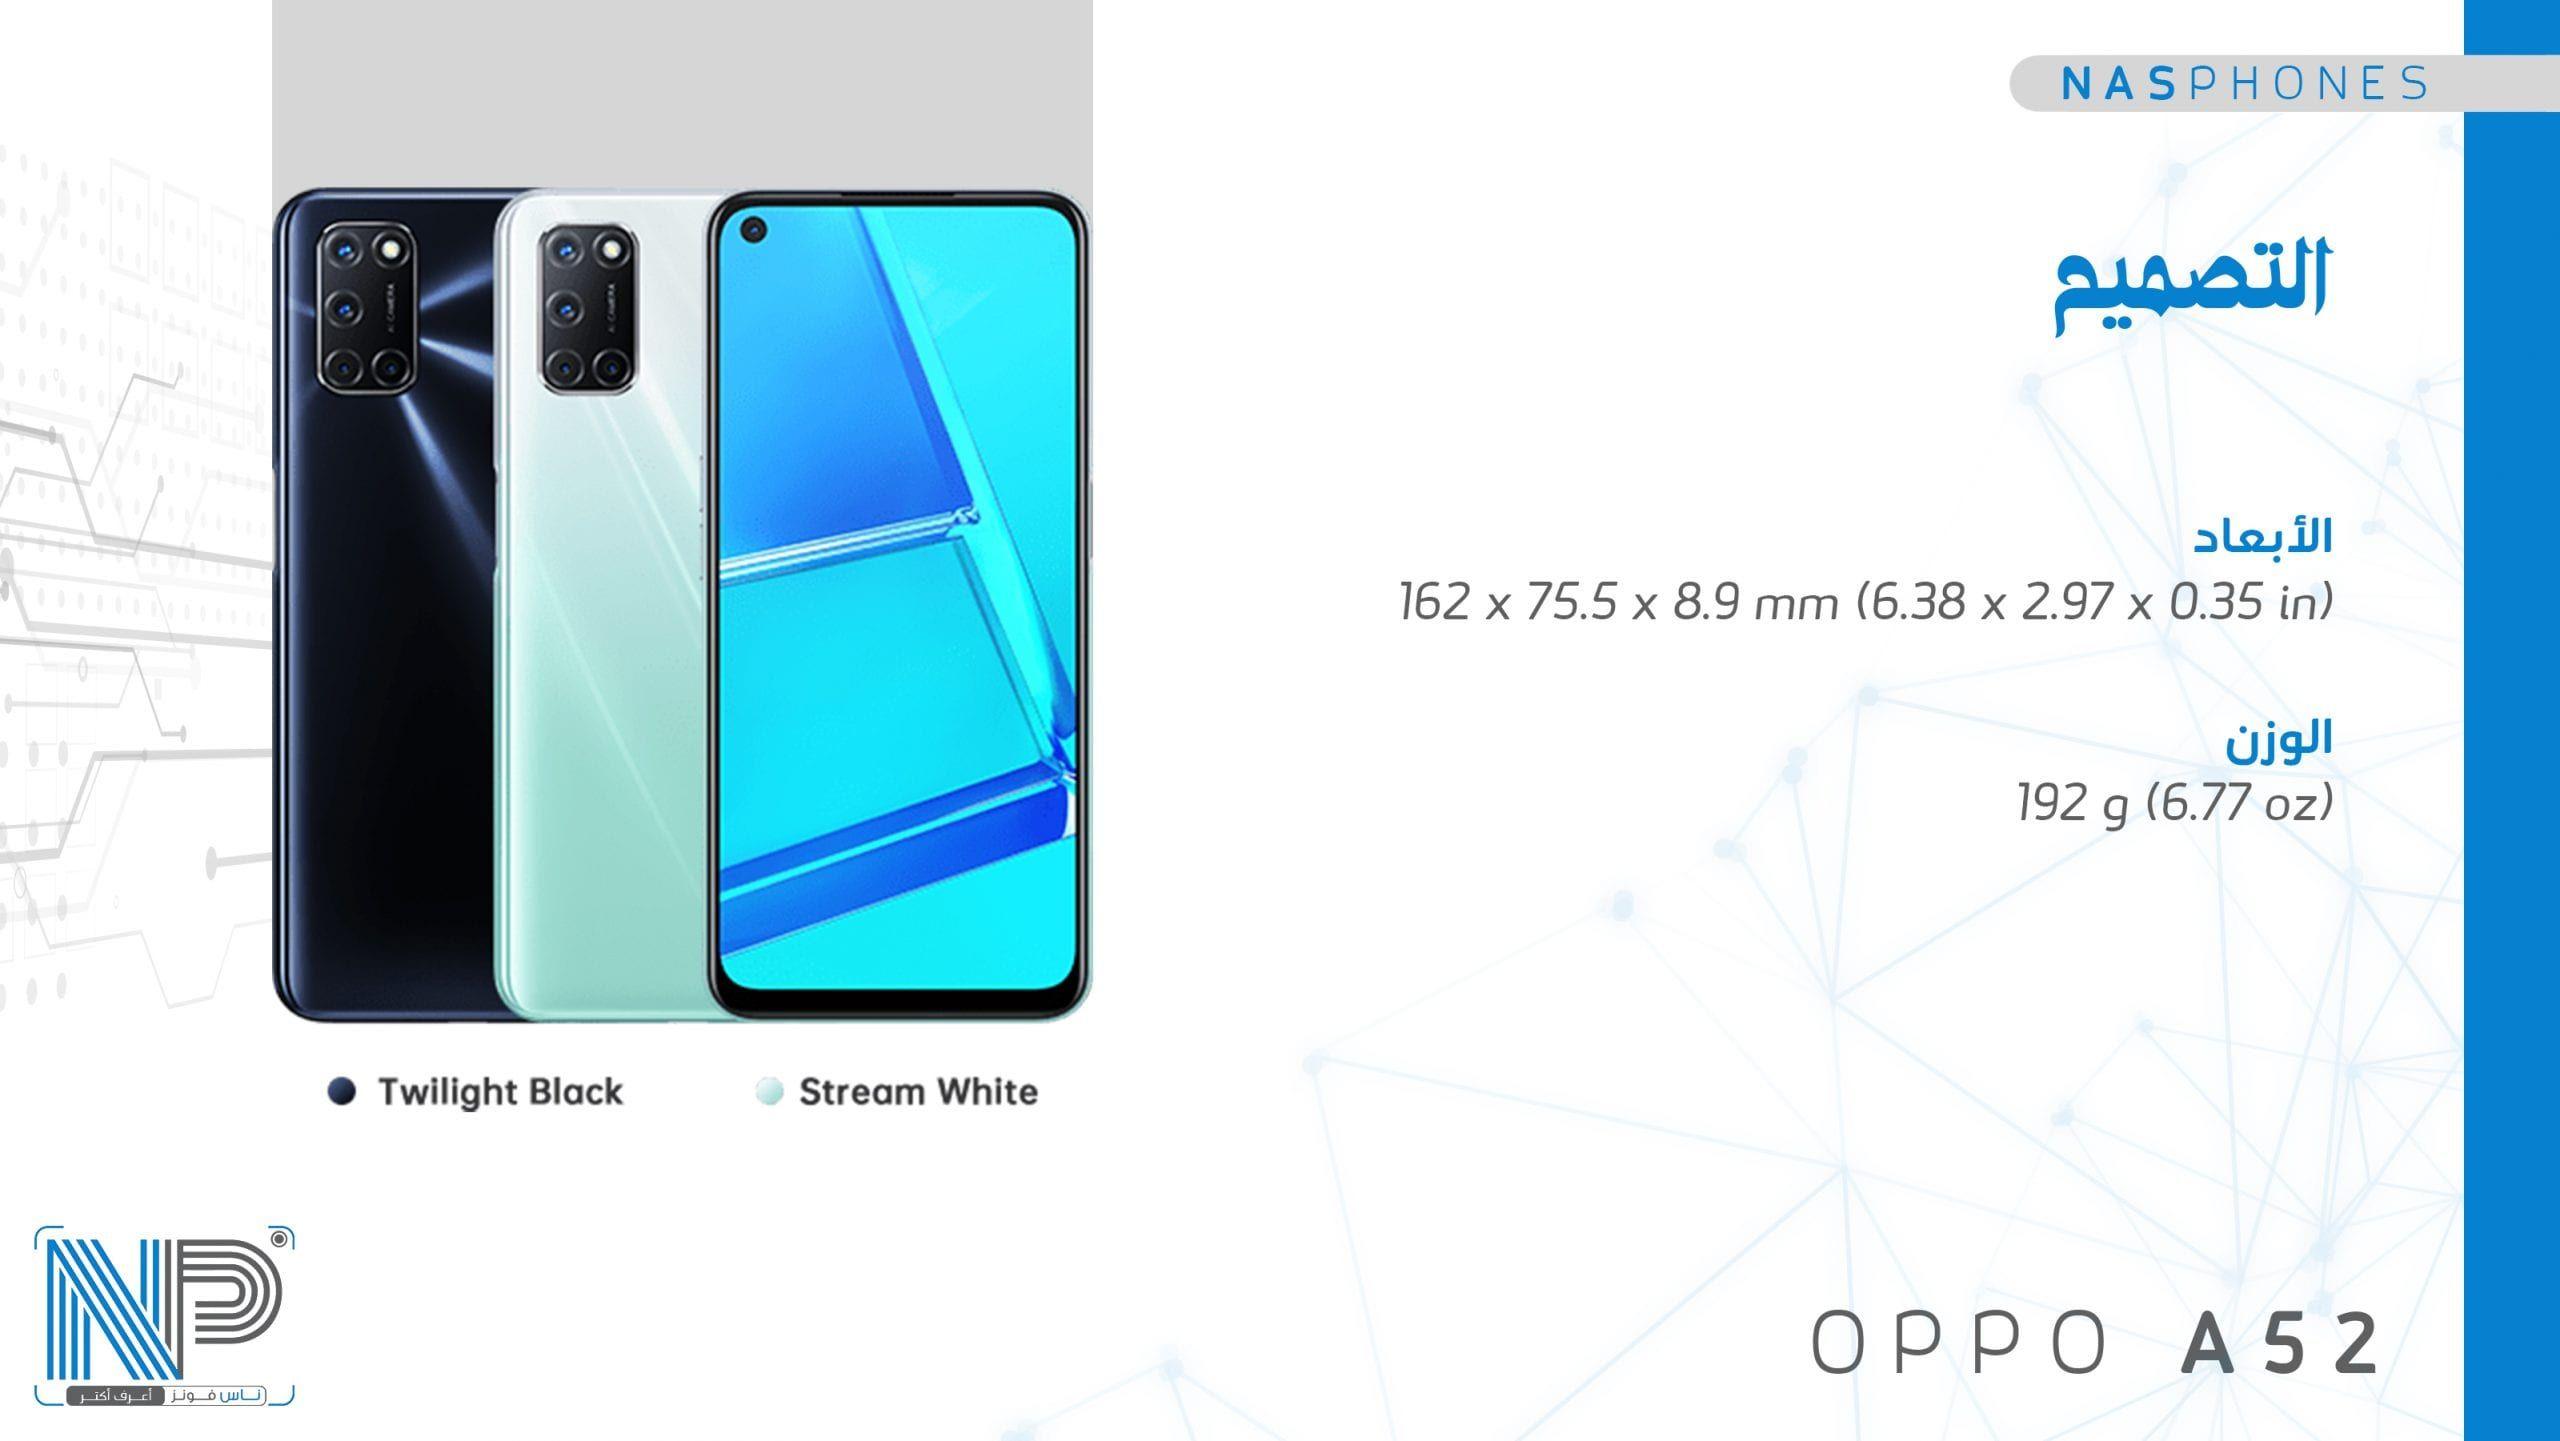 Oppo A52 المراجعة والمواصفات ناس فونز In 2021 Galaxy Phone Samsung Galaxy Samsung Galaxy Phone